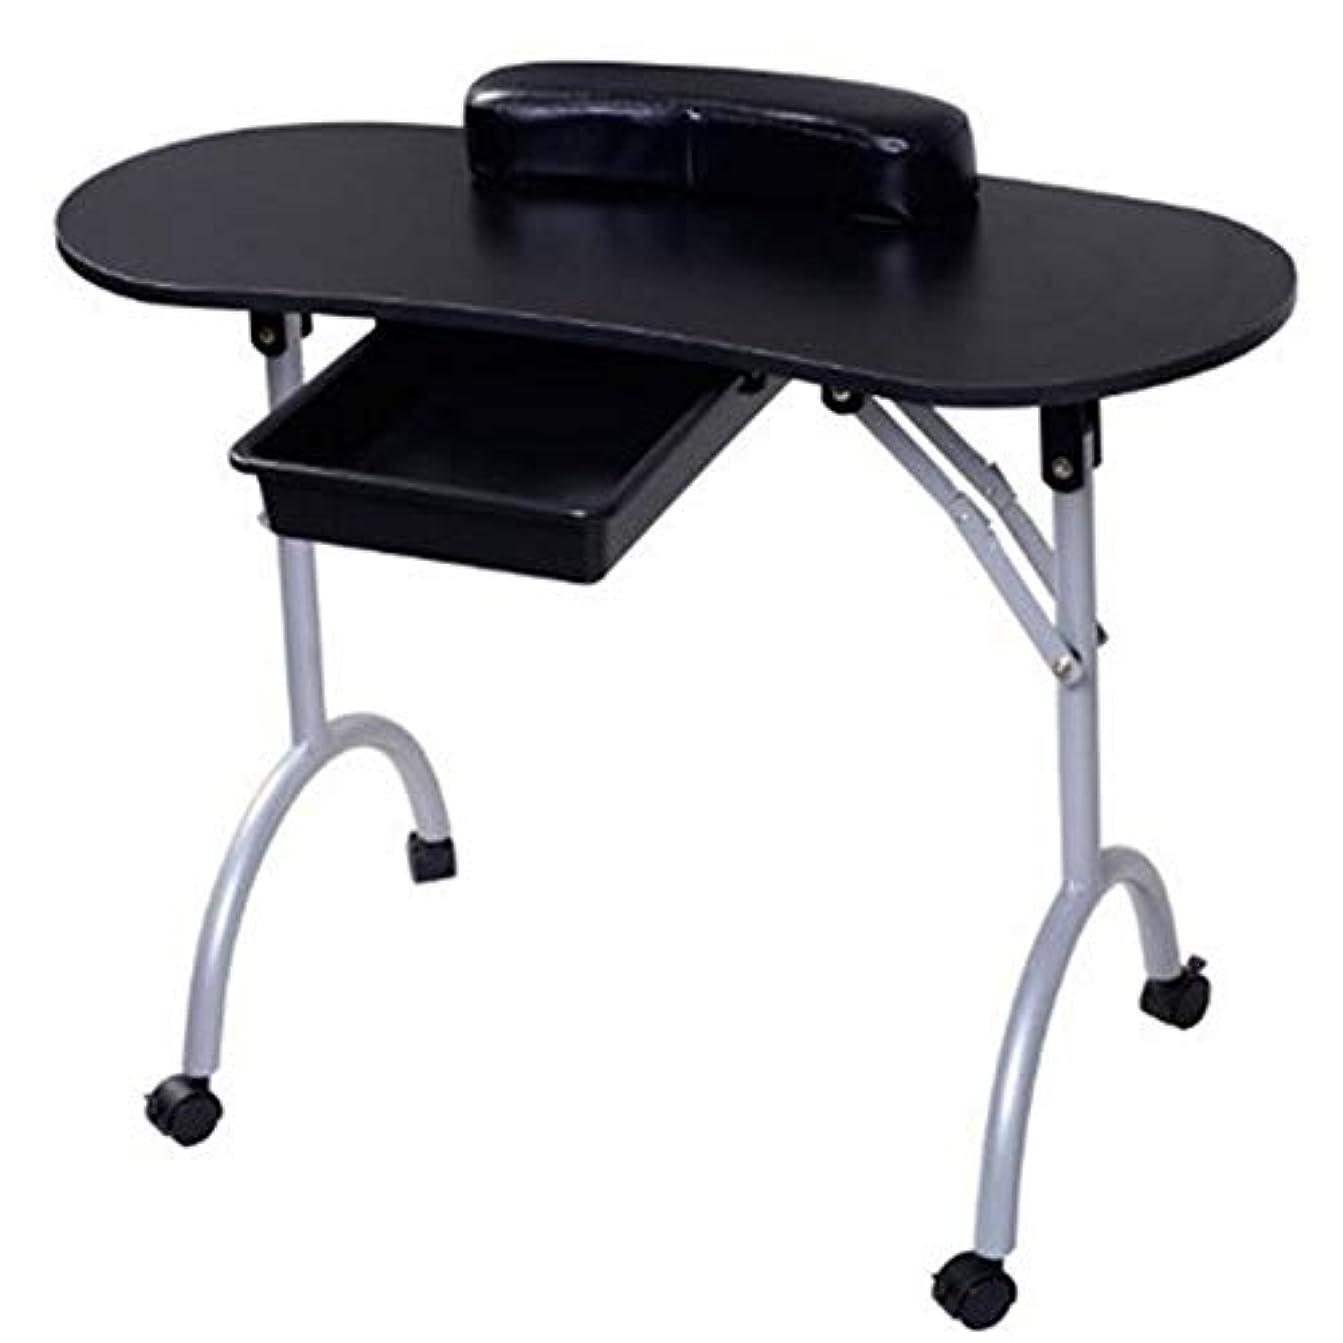 アクセントアライアンスマエストロ折りたたみネイルテーブルホームポータブルモバイルプーリー車スタジオビューティーサロンマニキュアテーブル引き出しとリストレストとキャリングバッグ,Black